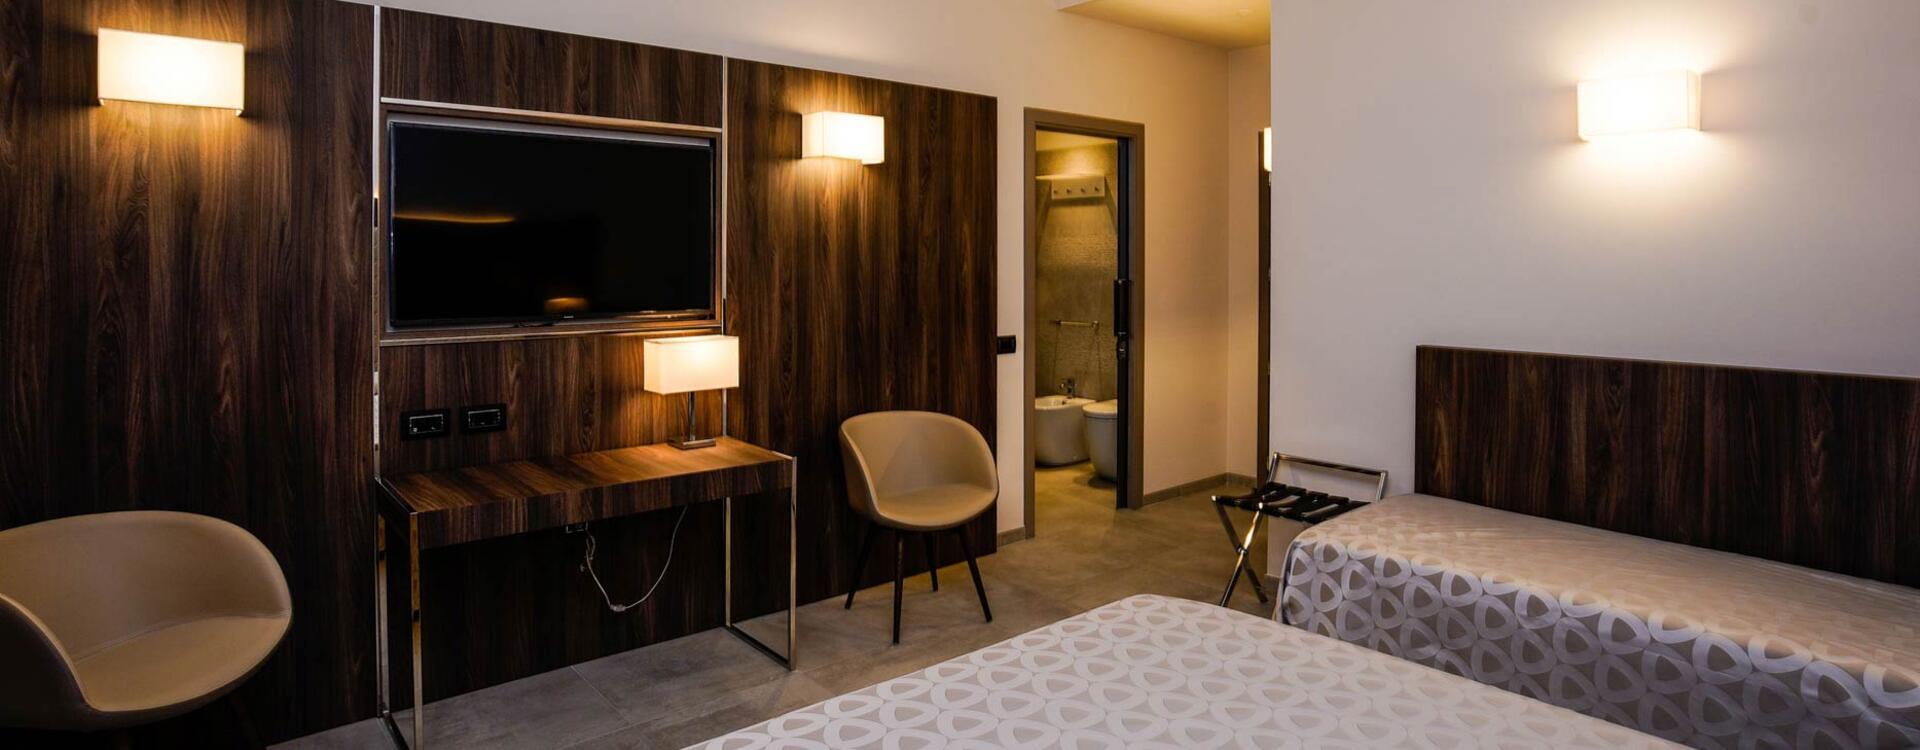 hotelkuma de de 004